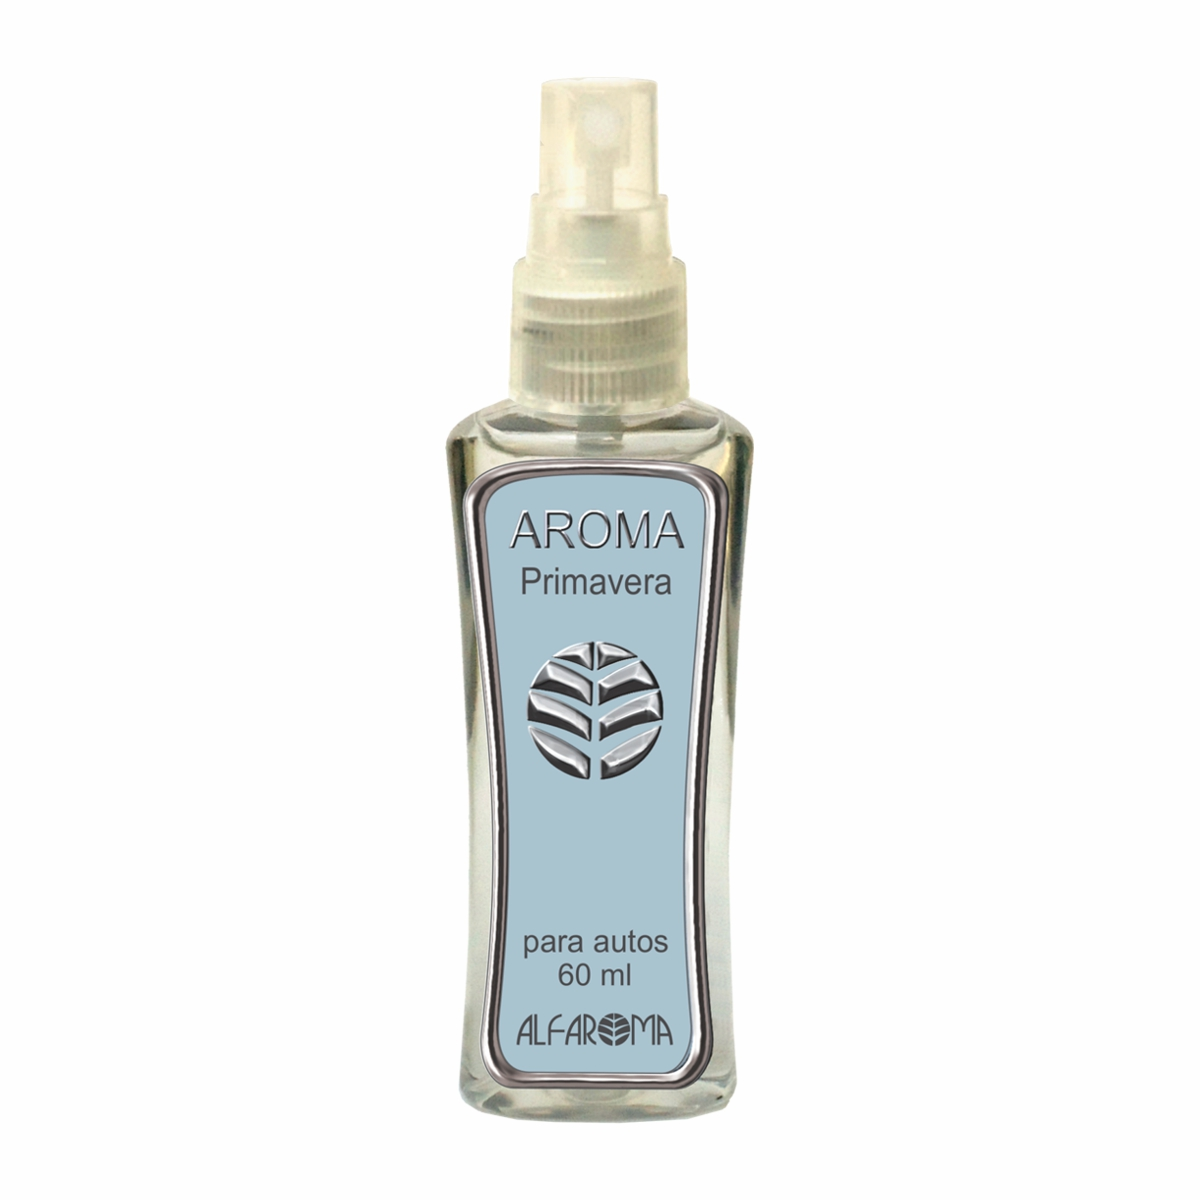 Aroma para autos Primavera Alfaroma 60 ml